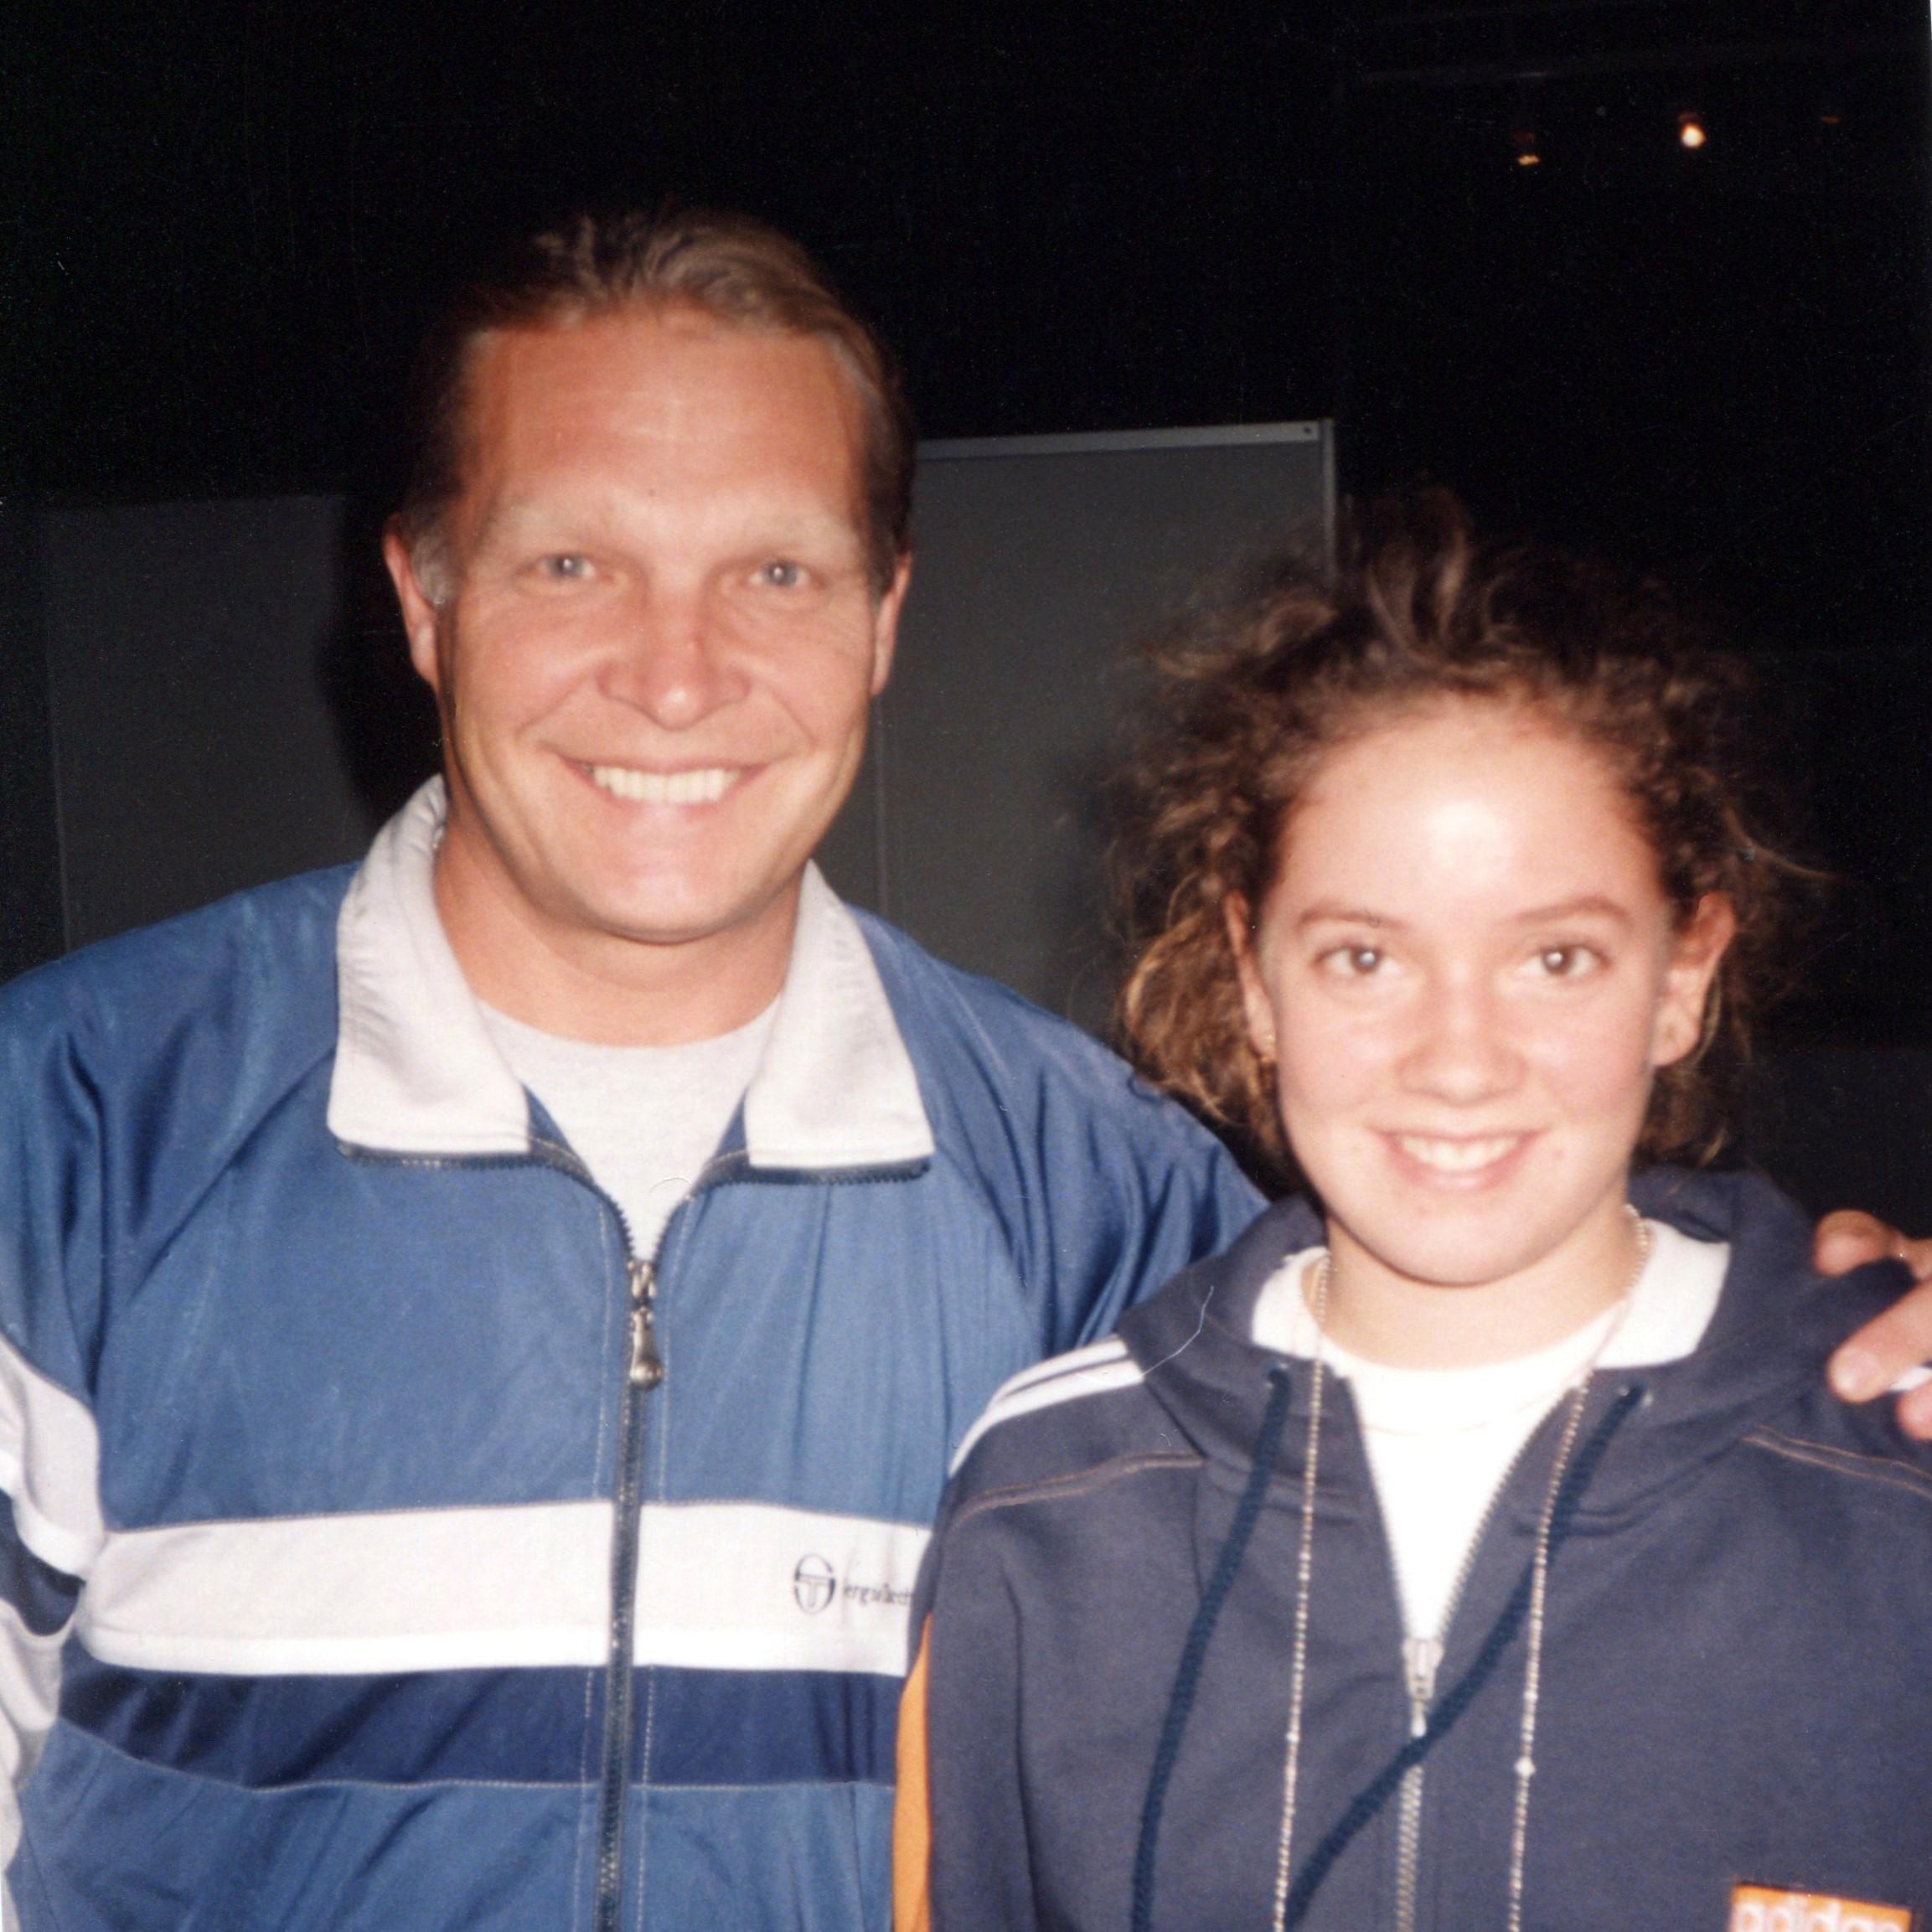 Шнидер Патти (Швейцария) Знаменитая швейцарская теннисистка и Минкевич Анатолий (Россия) Судья турниров WTA-Tour 1998